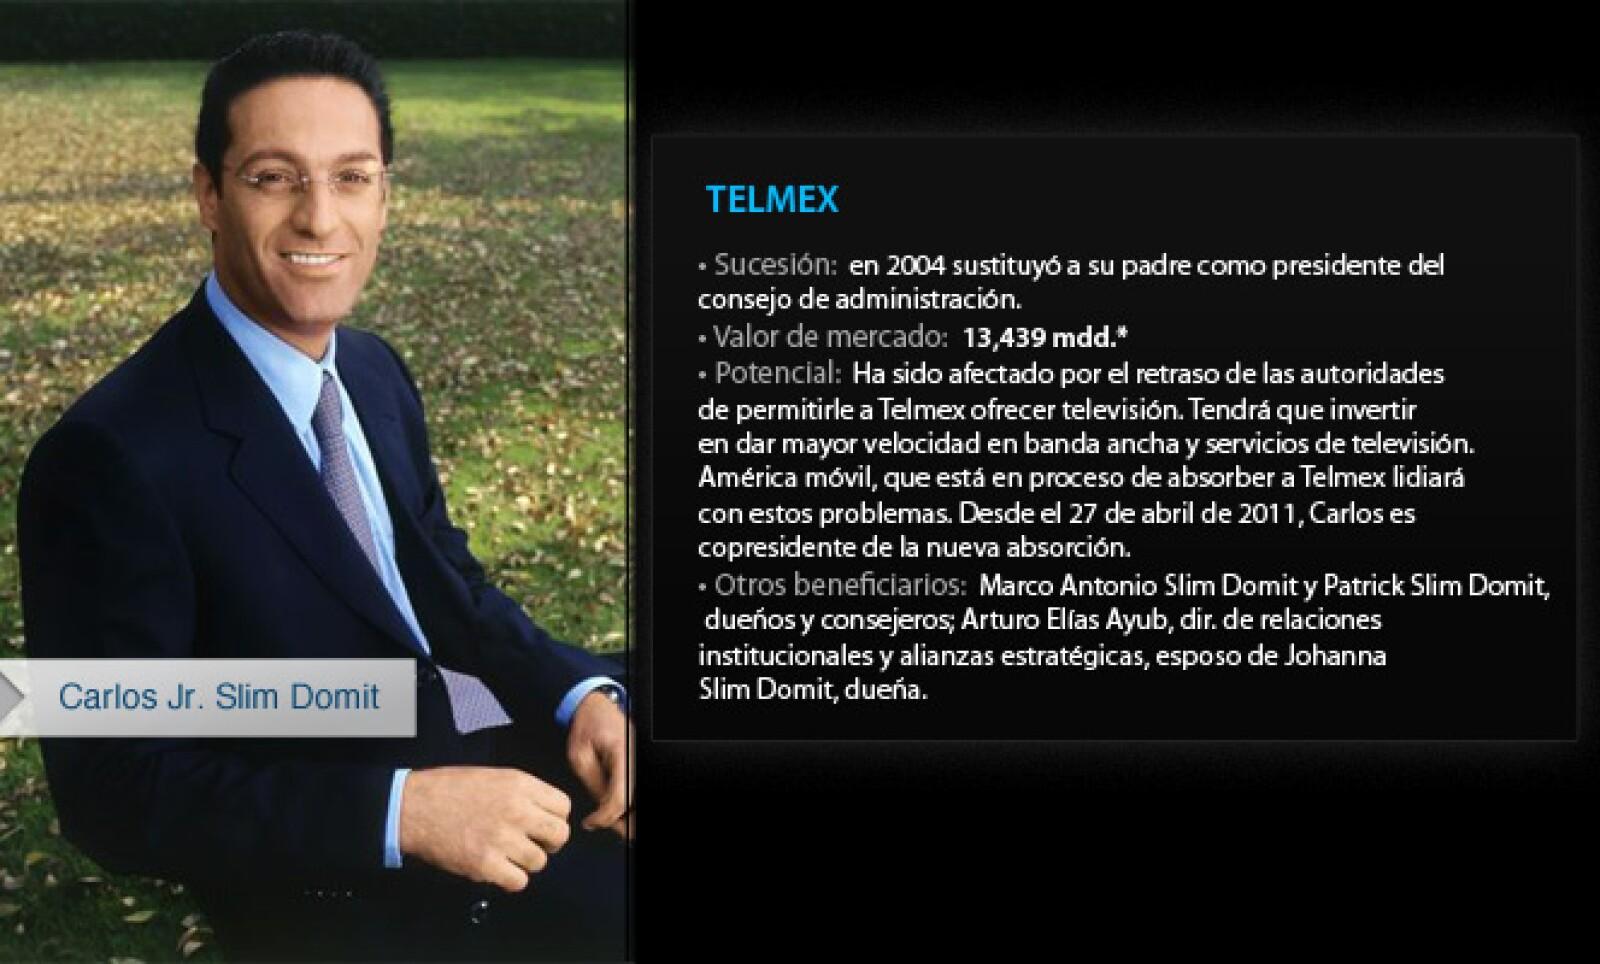 *El valor de mercado de cada empresa es al 6 de octubre 2011. Fuentes: Reportes anuales de las compañías y Bloomberg.